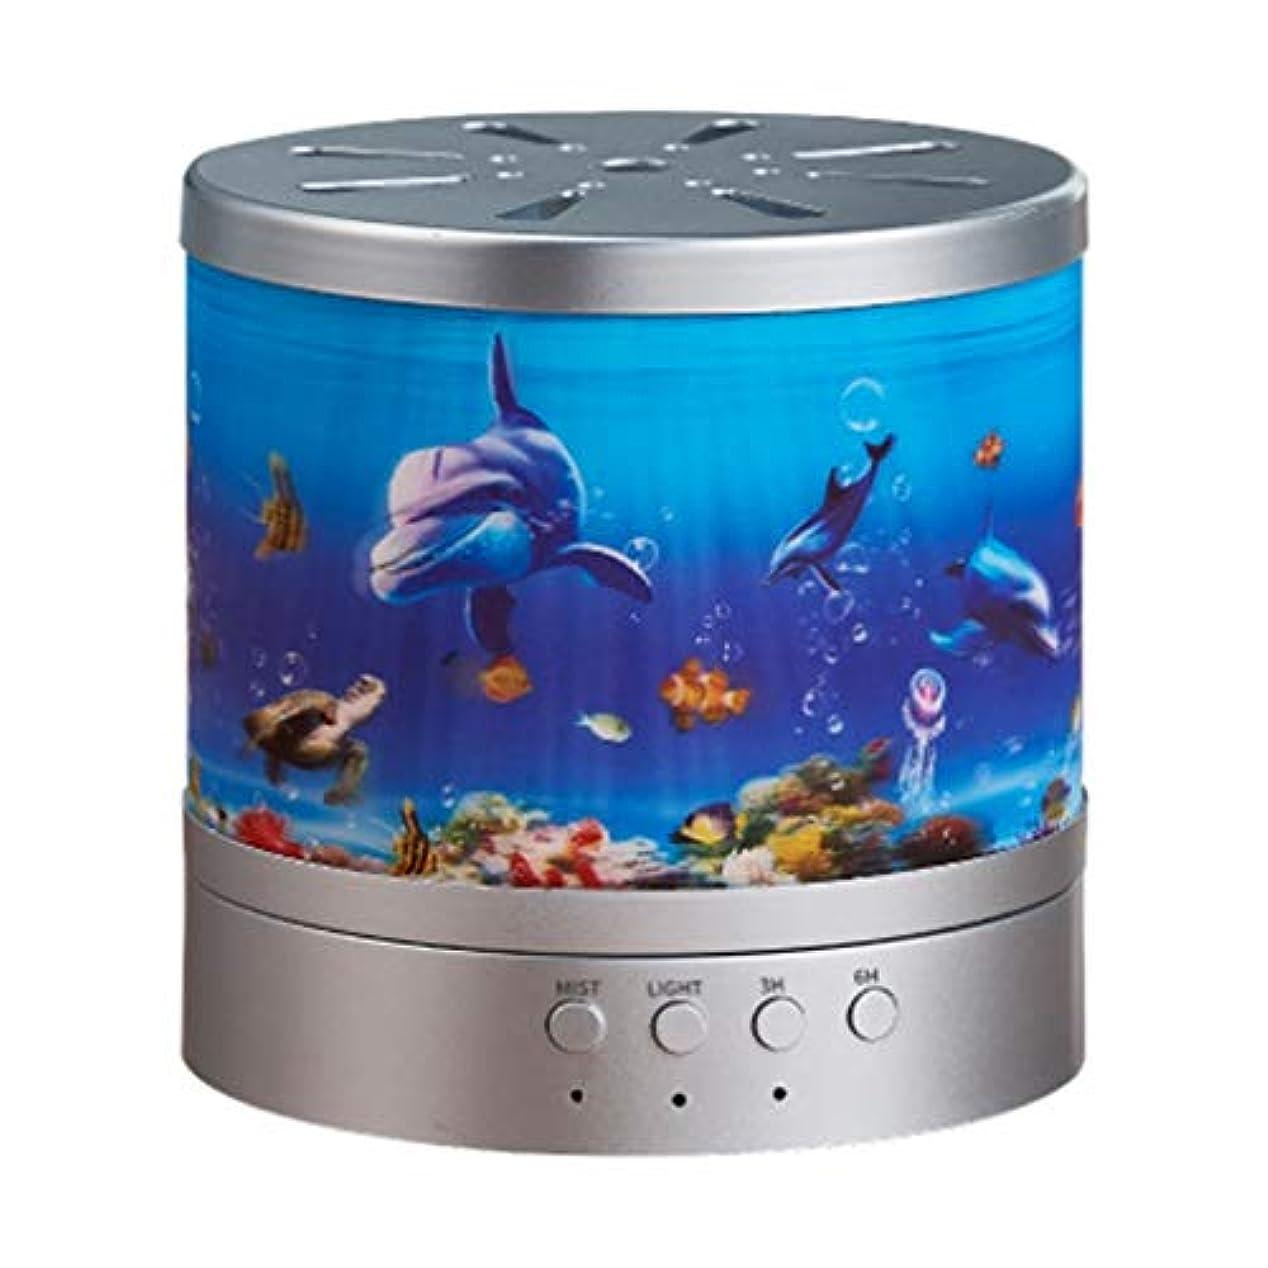 古い牛外向き精油のための海洋の主題の拡散器超音波涼しい霧の加湿器、水なしの自動シャットオフおよび7つの色LEDライトは内務省のために変わります (Color : Silver)